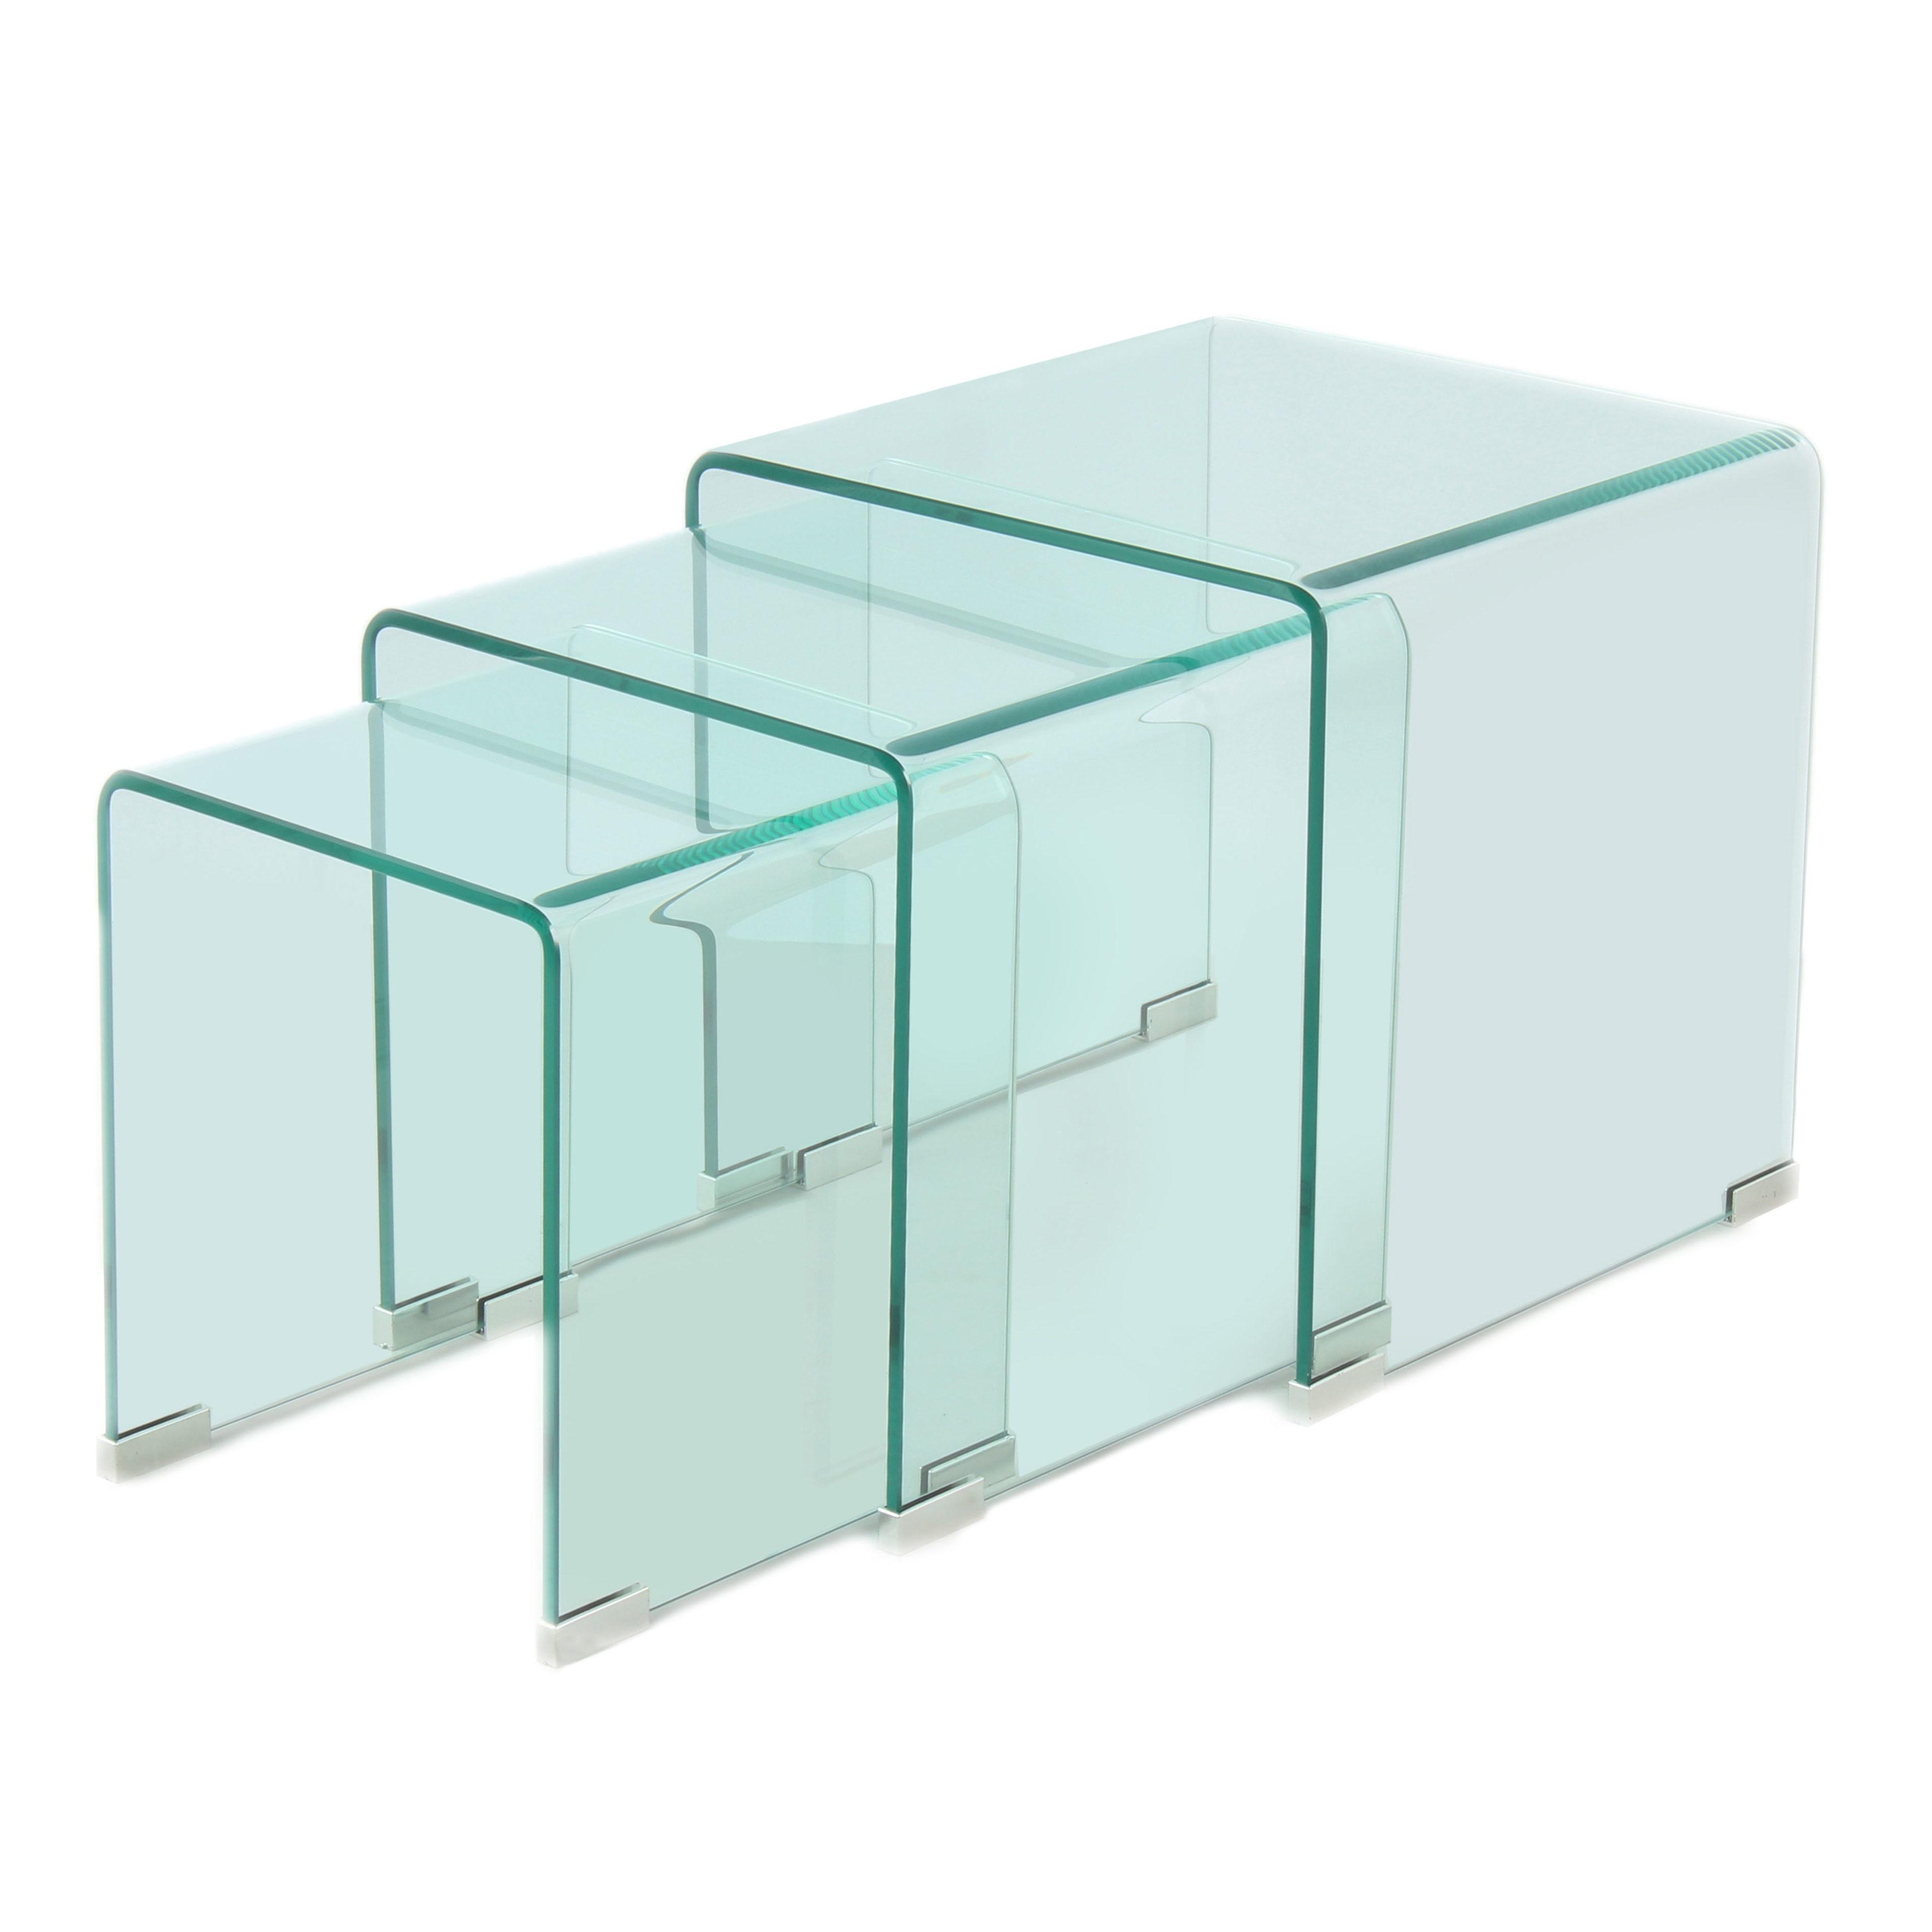 Glazen Kubus Tafeltje.Vierkante Glazen Bijzettafel